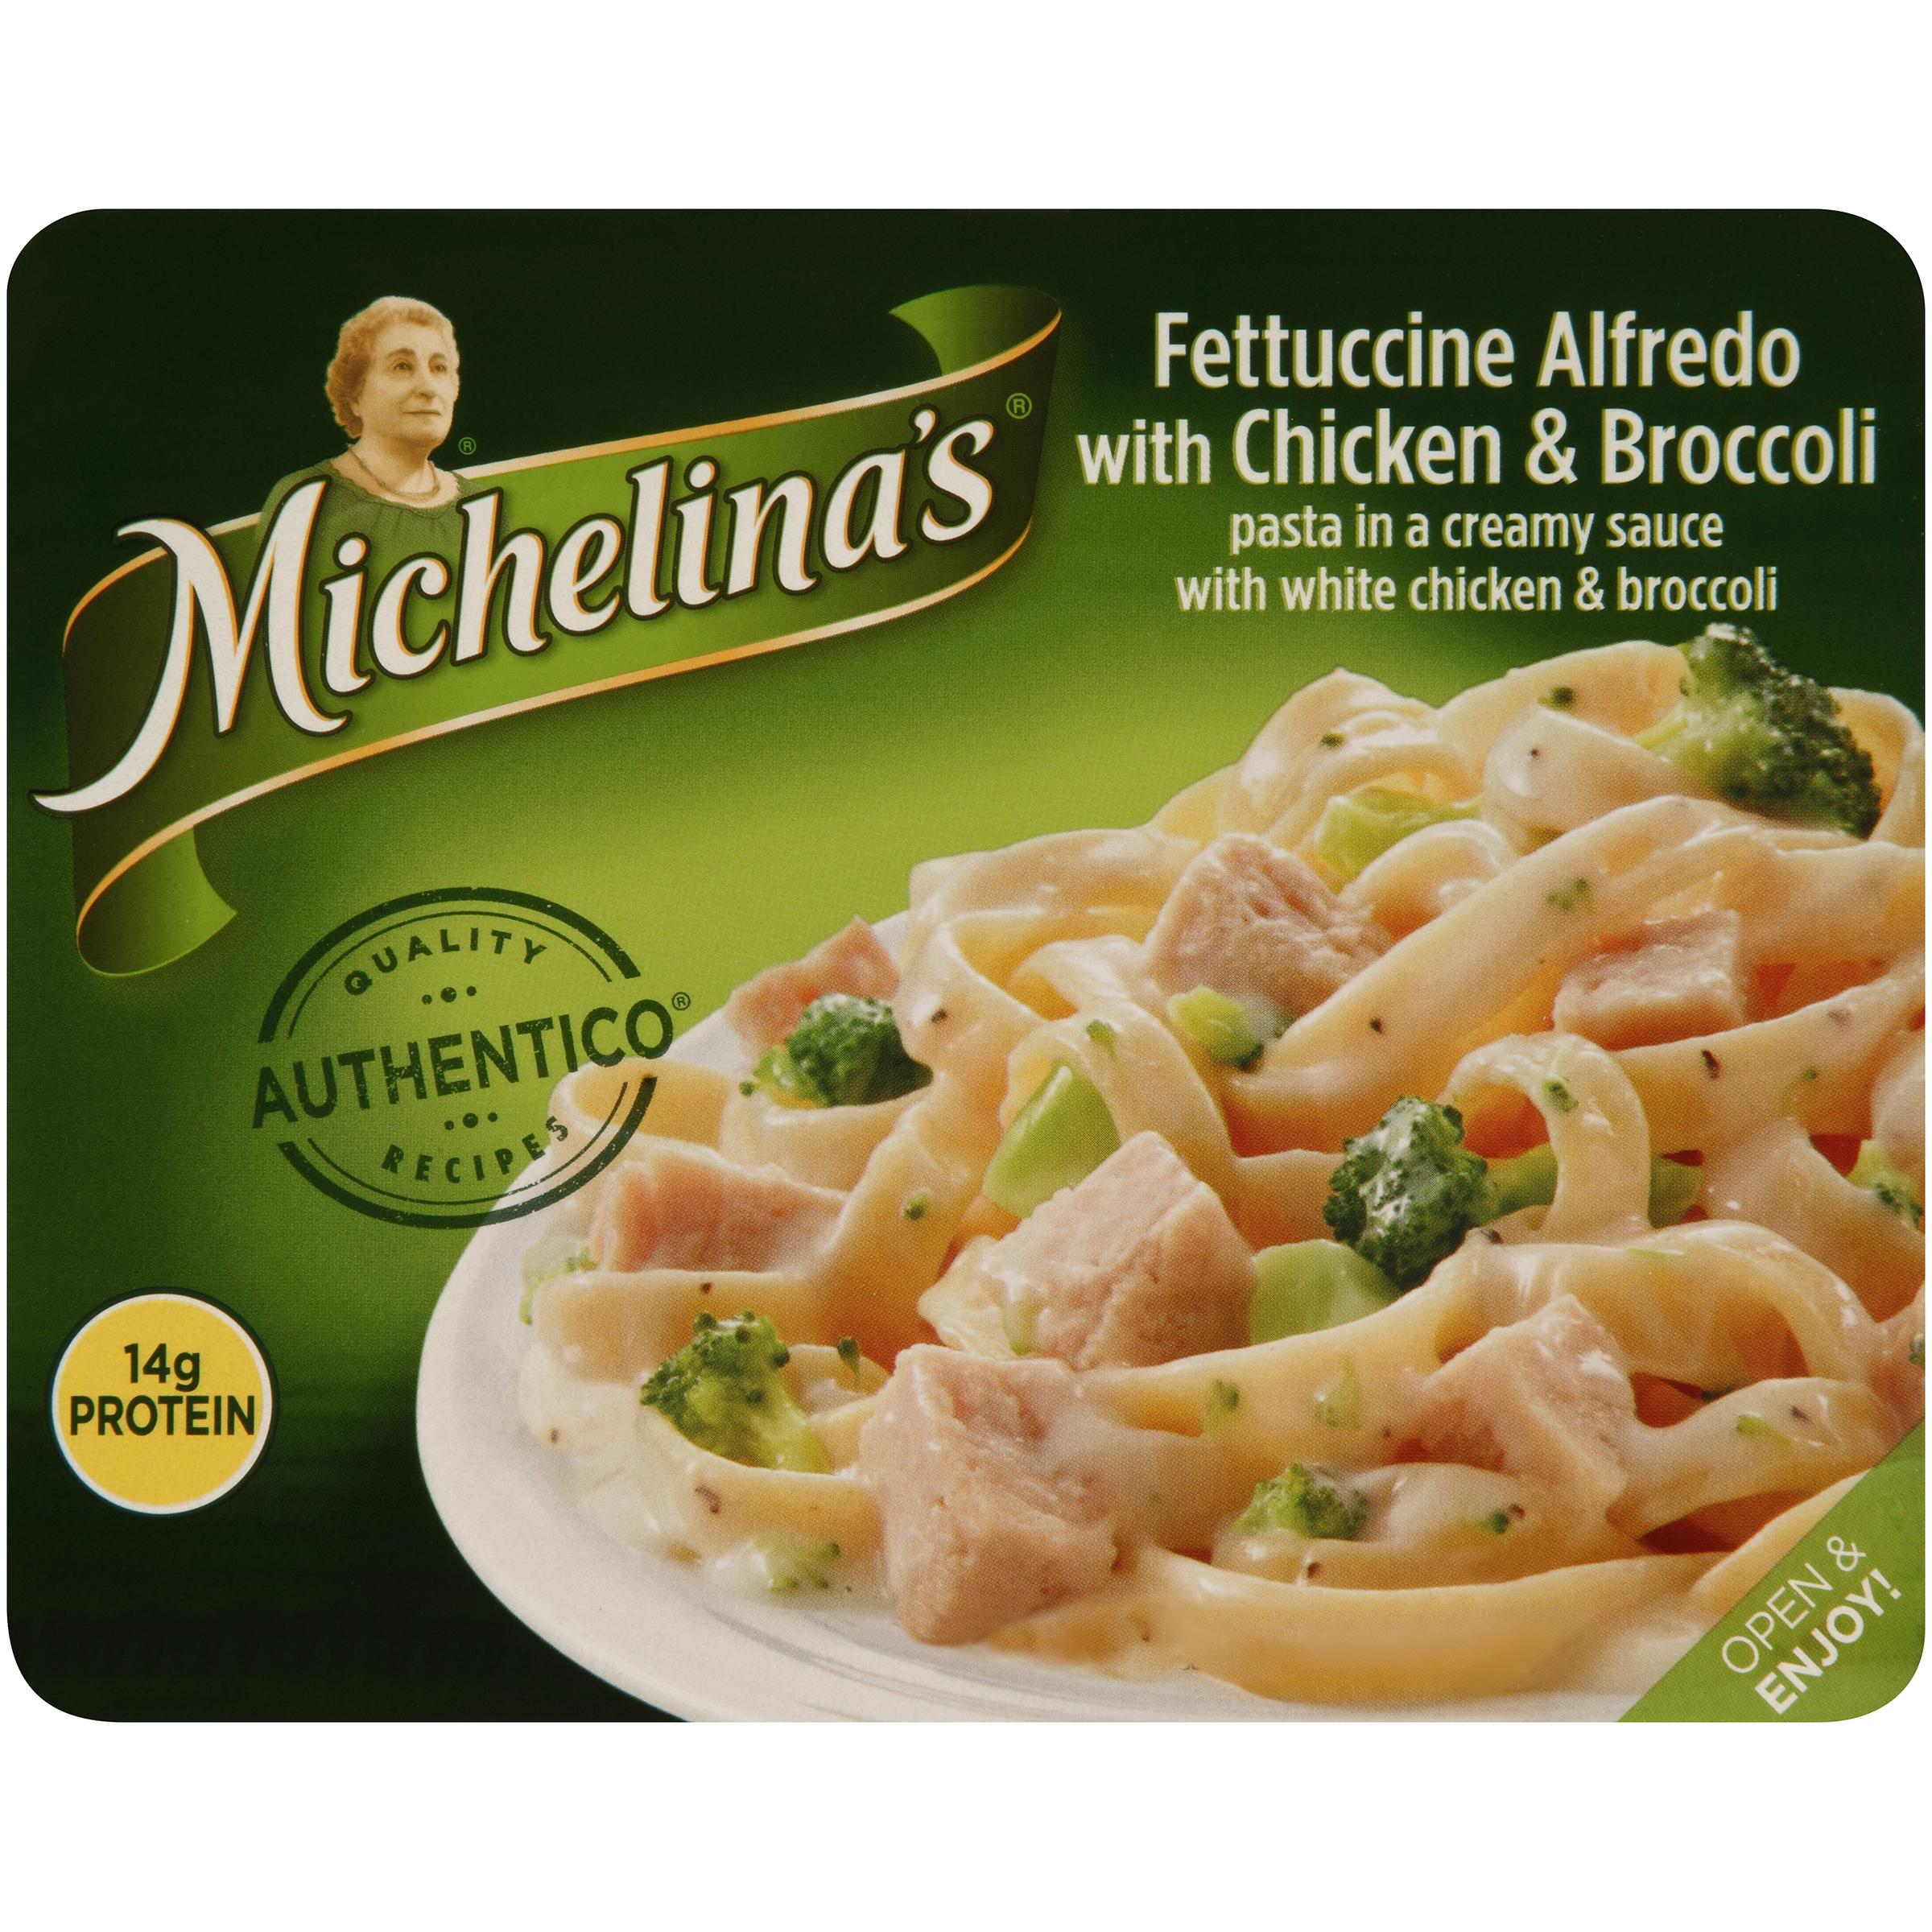 Michelina's�� Authentico�� Fettuccine Alfredo with Chicken & Broccoli 8 oz. Tray